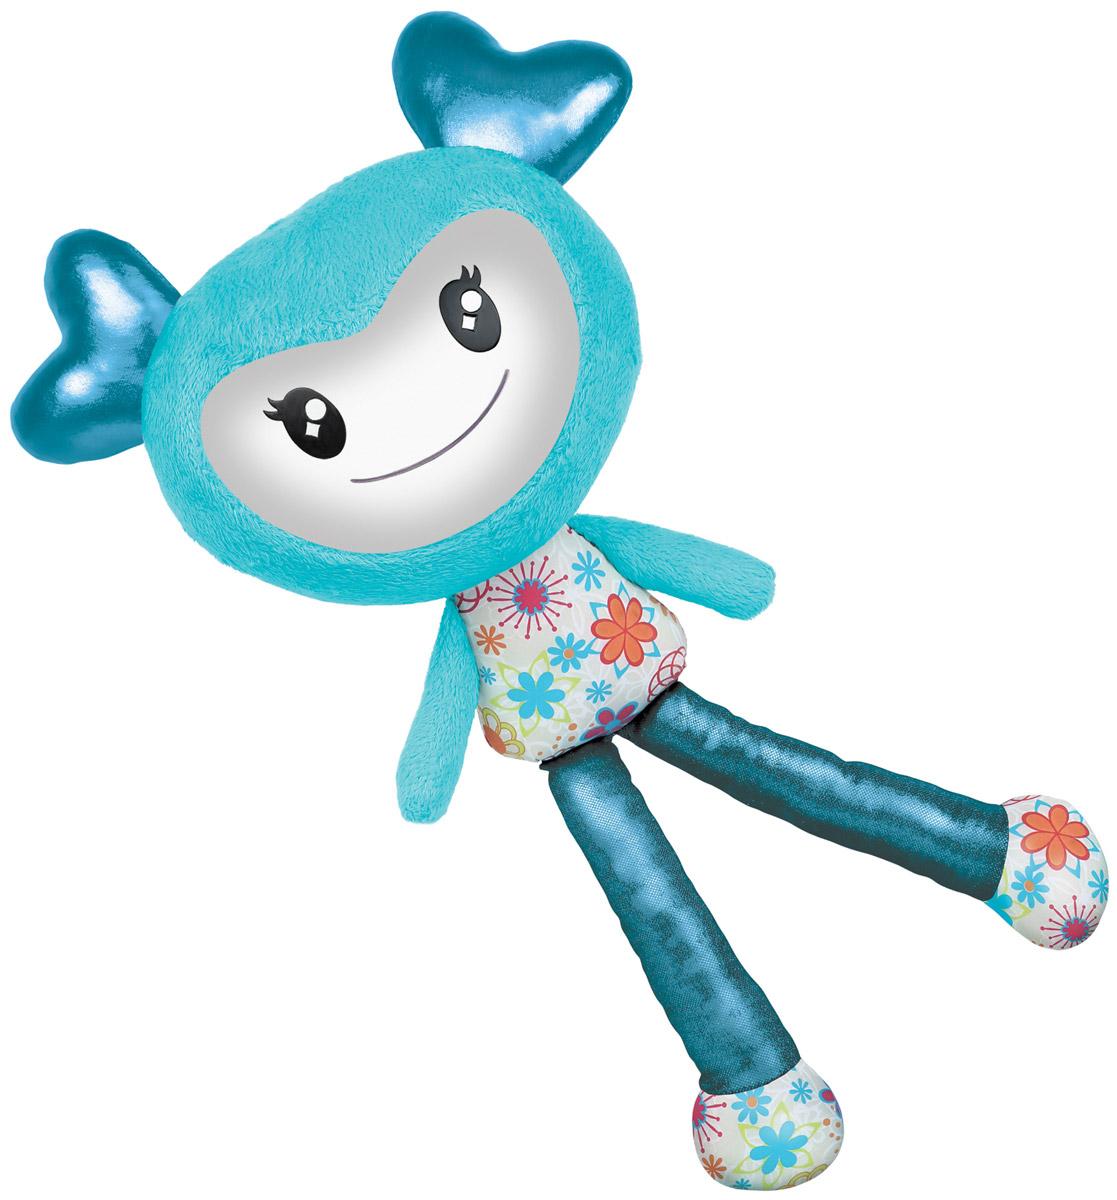 Brightlings Интерактивная игрушка цвет голубой игрушки интерактивные brightlings игрушка brightlings музыкальная интерактивная